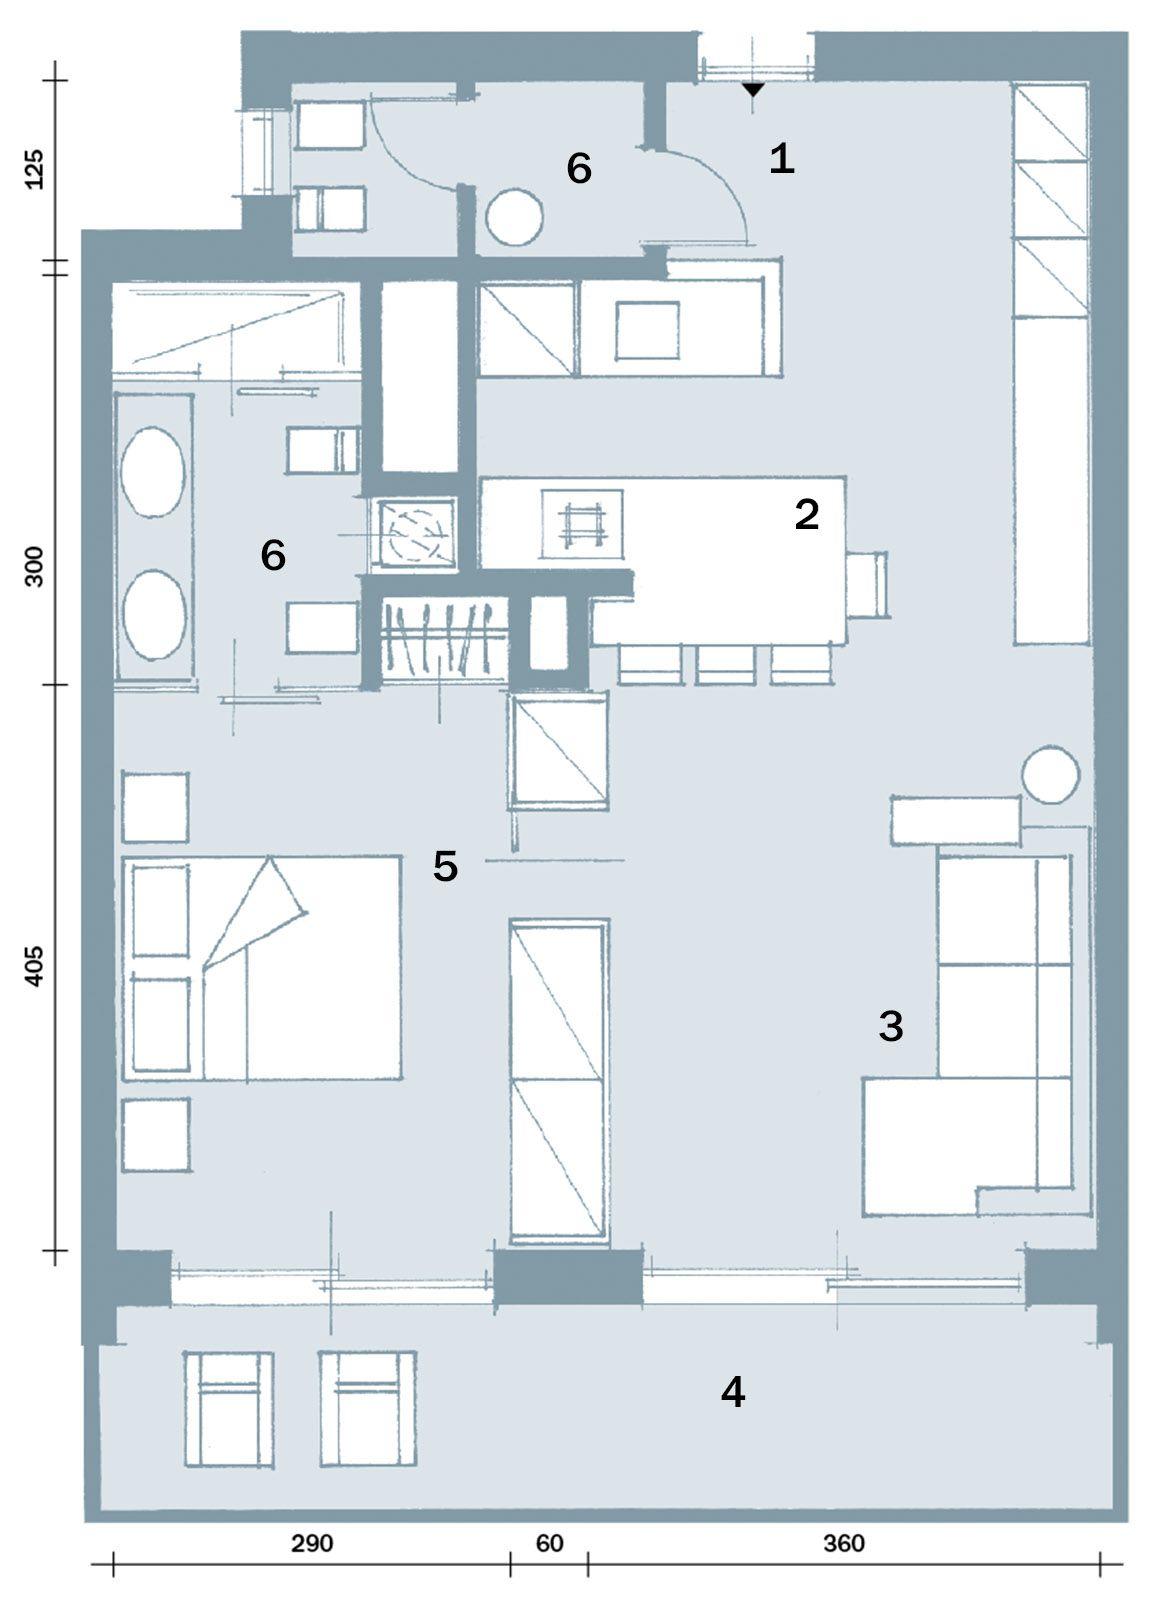 Good in mq due bagni per la casa dagli incastri perfetti for Come progettare una pianta del piano interrato